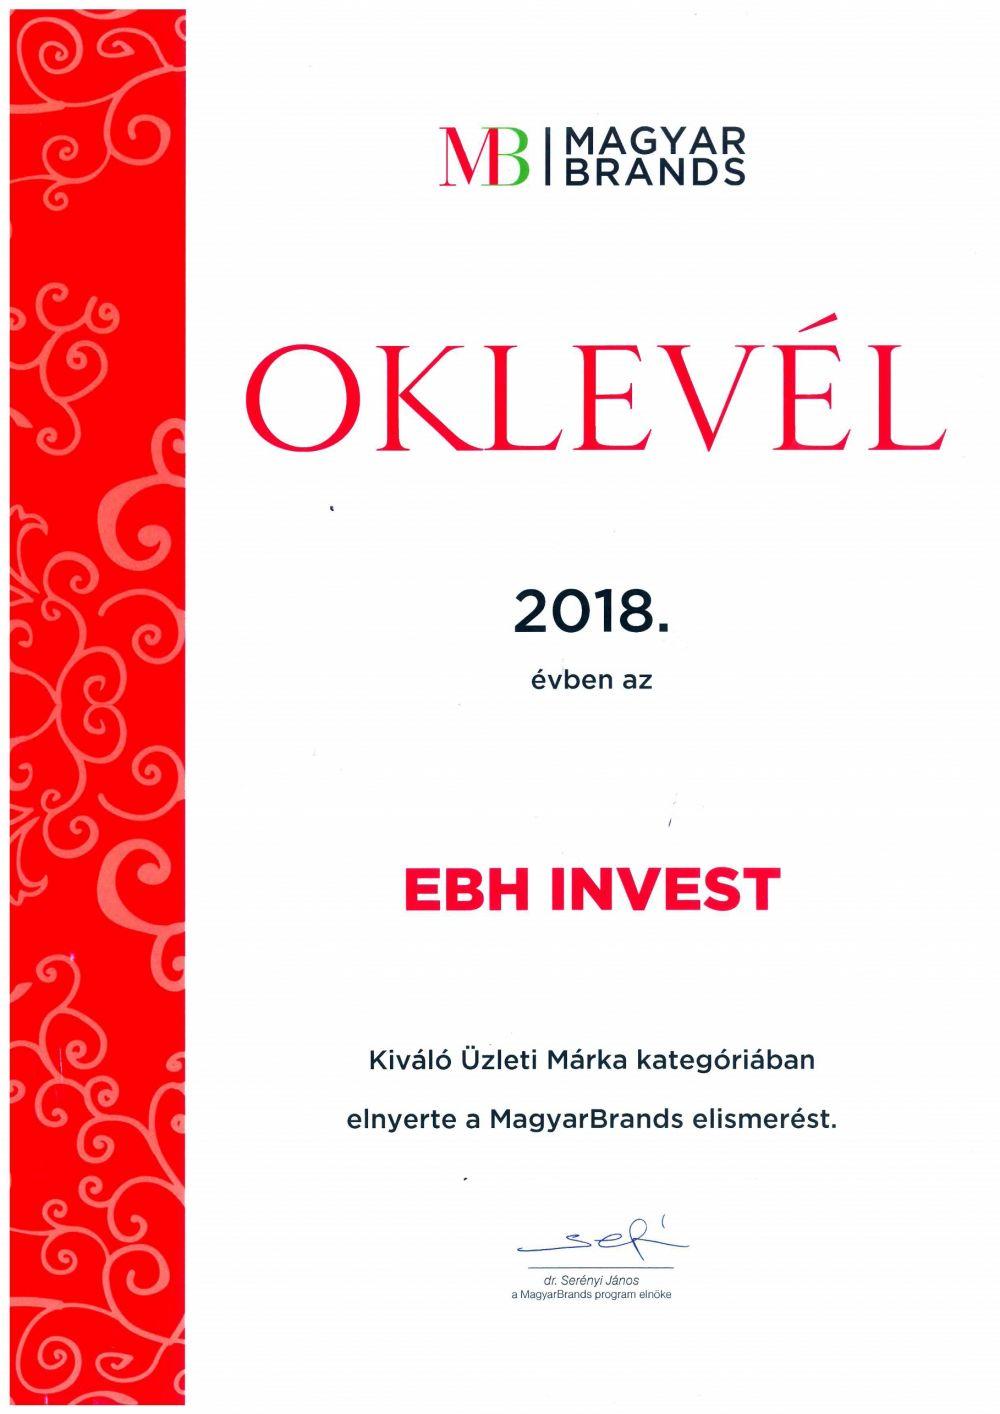 Az EB HUNGARY INVEST Kft. immár kétszeres díjazott a MagyarBrands üzleti kategóriában.